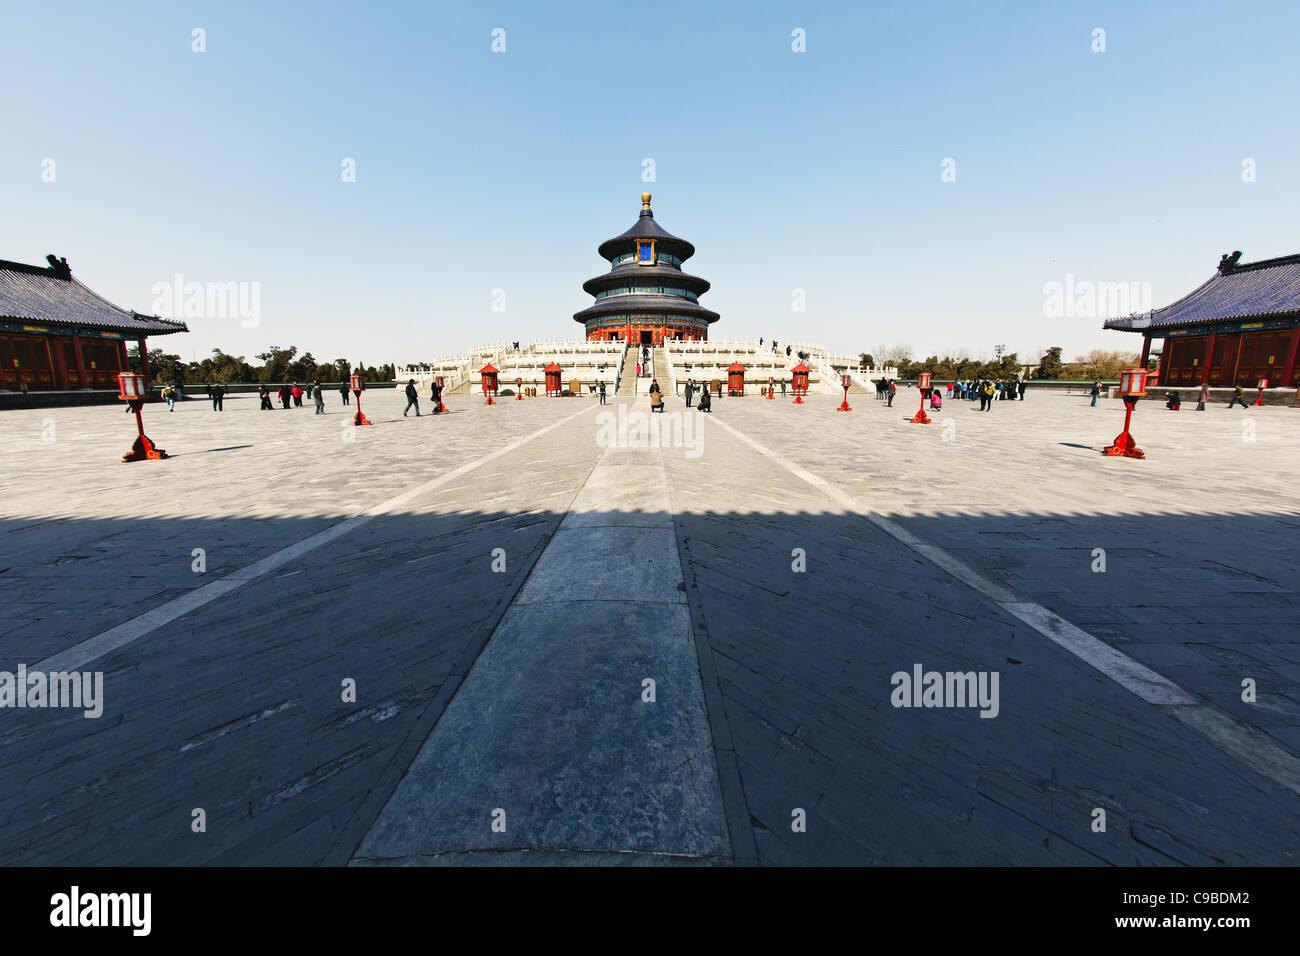 Plaza interior con la Sala de Oración para las buenas cosechas , el Templo del Cielo, Pekín, China Imagen De Stock